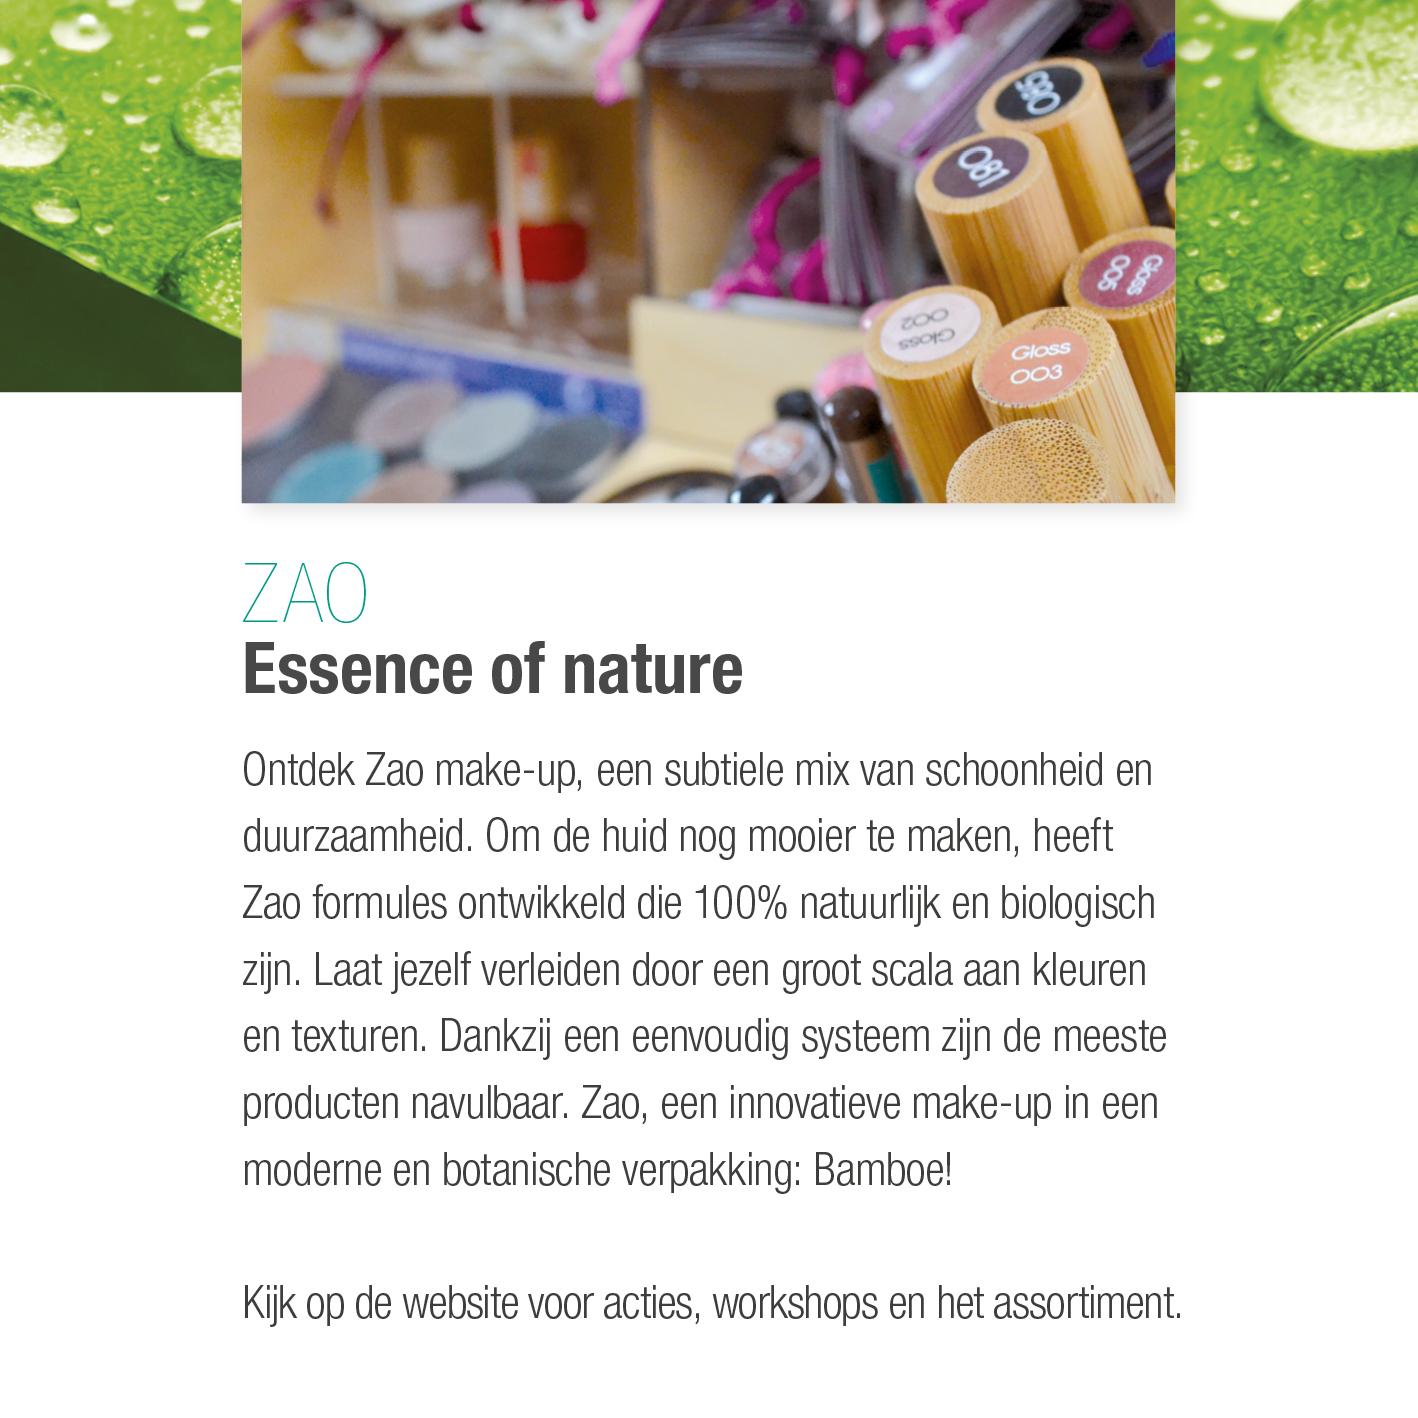 Zao, essence 100% natuurlijk & biologisch